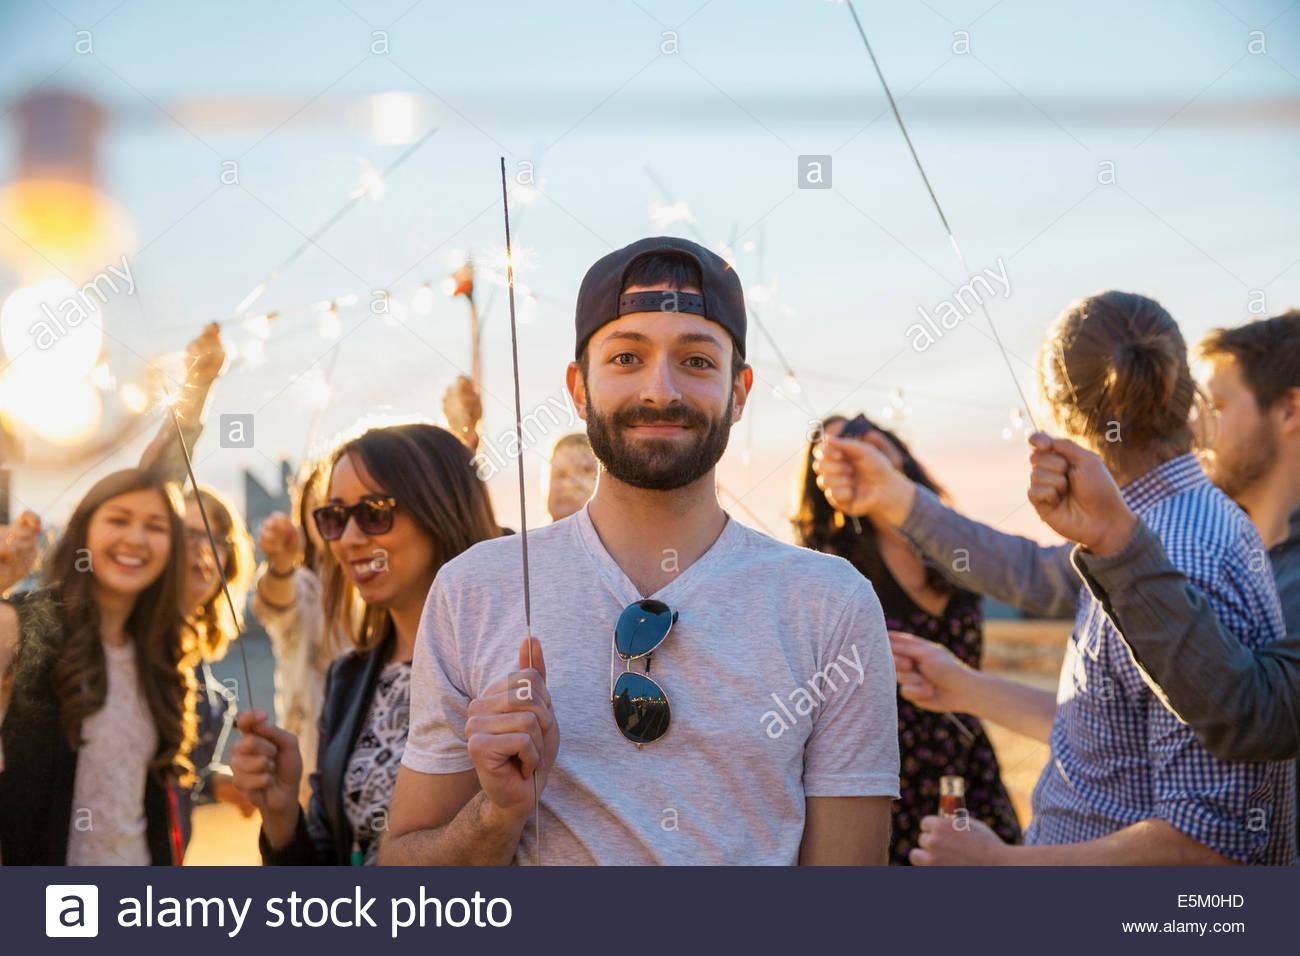 Retrato del hombre sonriente con bengala en parte Imagen De Stock